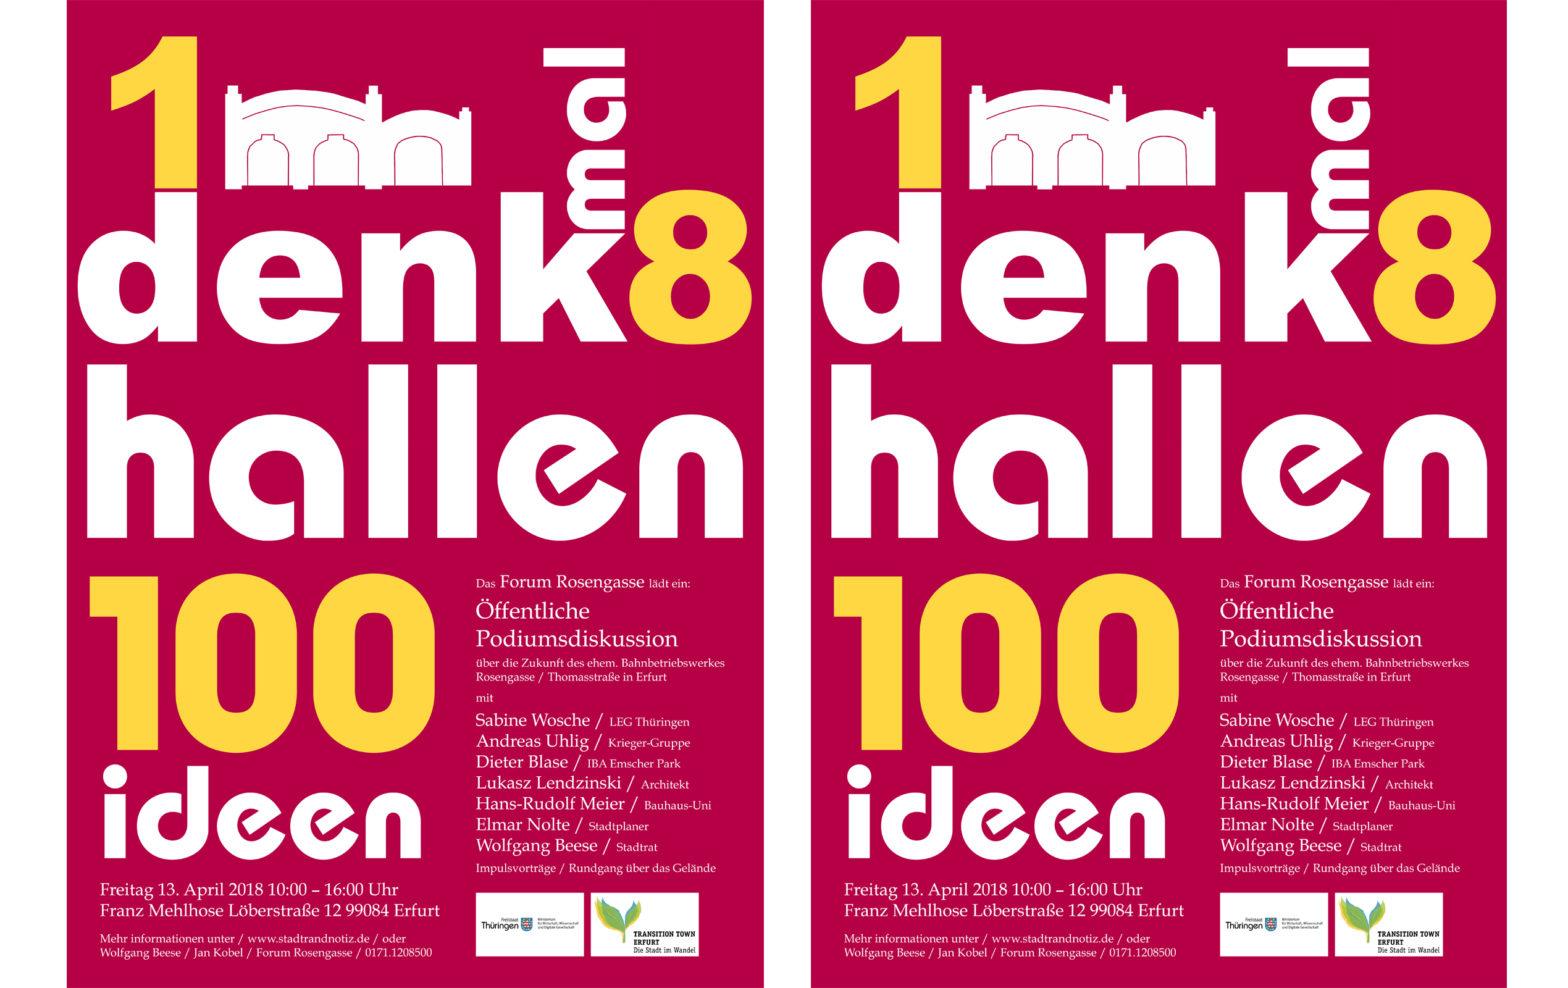 Forum Rosengasse // Öffentliche Podiumsdiskussion für die Wiederbelebung des ehem. Bahnbetriebswerkes in Erfurt